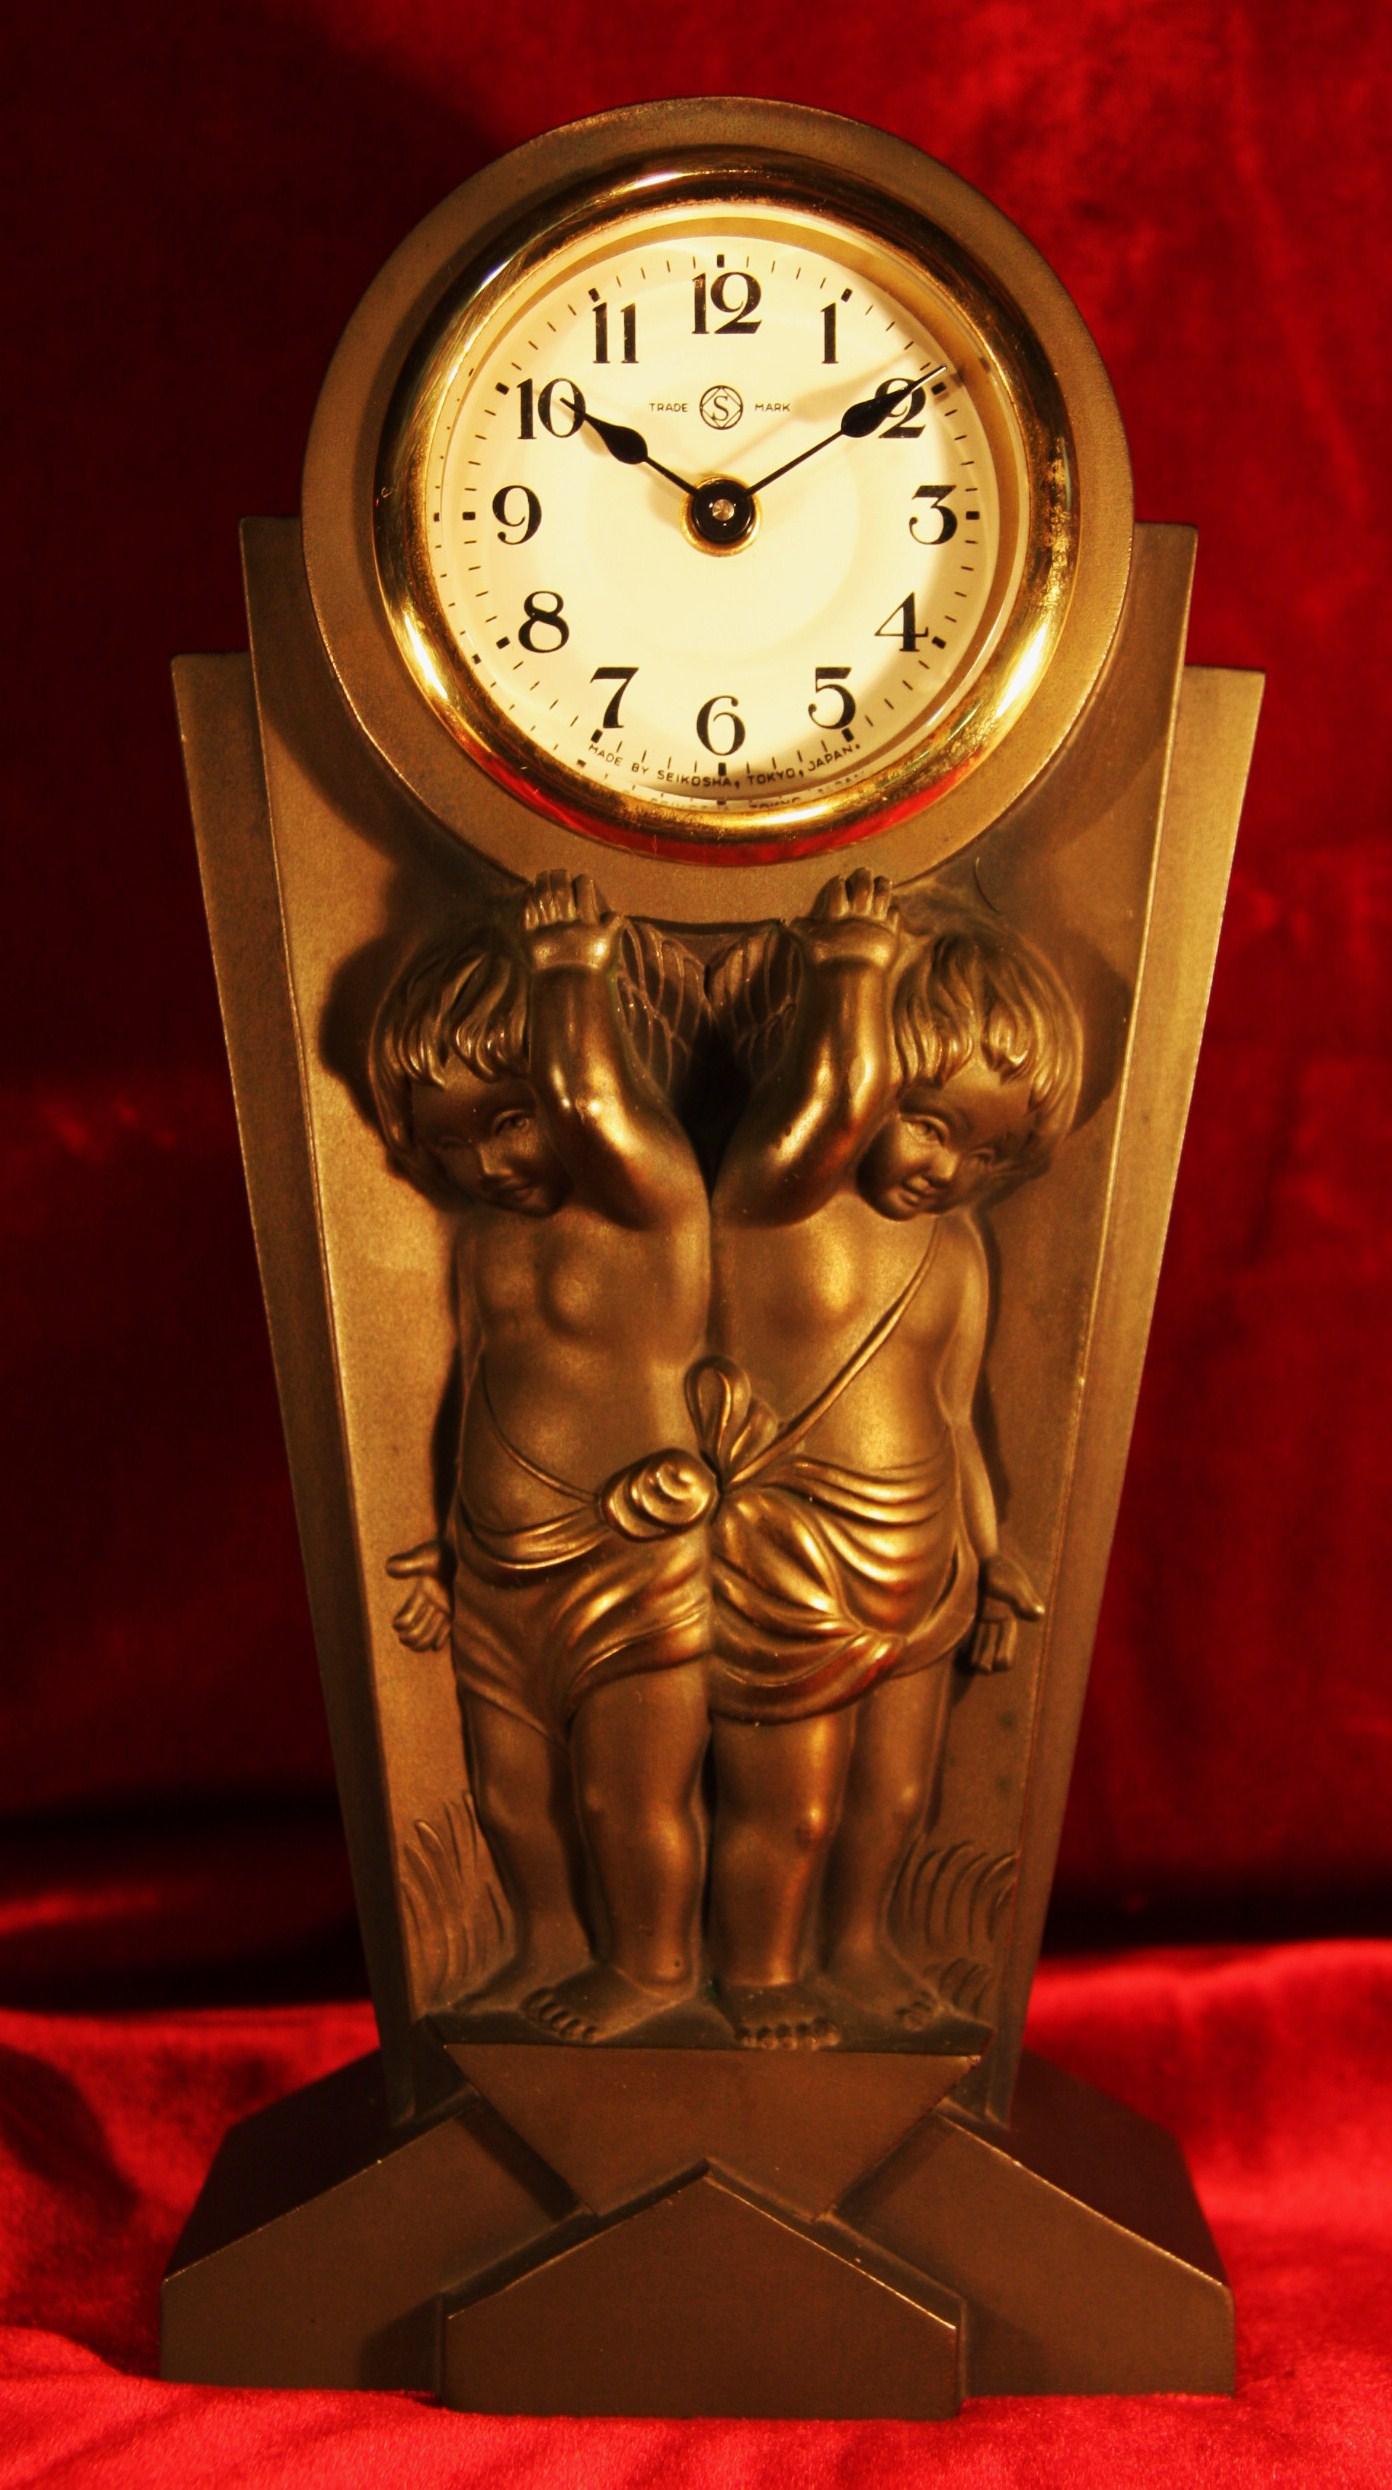 精巧舎 天使の時計 手巻き 1950年代〜? 【AW1016】